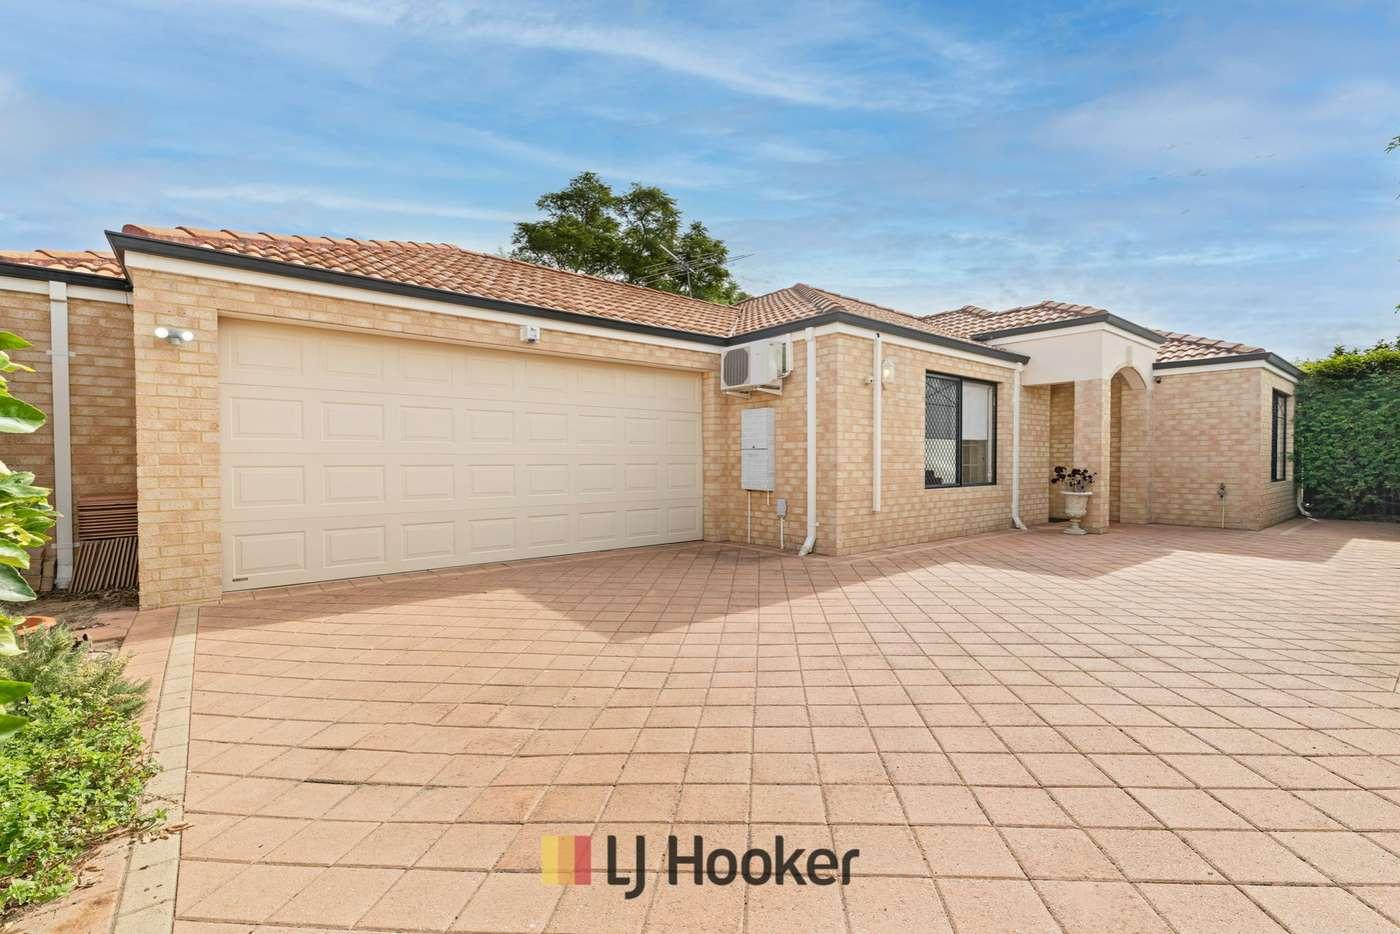 Main view of Homely house listing, 53B Milford Way, Nollamara WA 6061